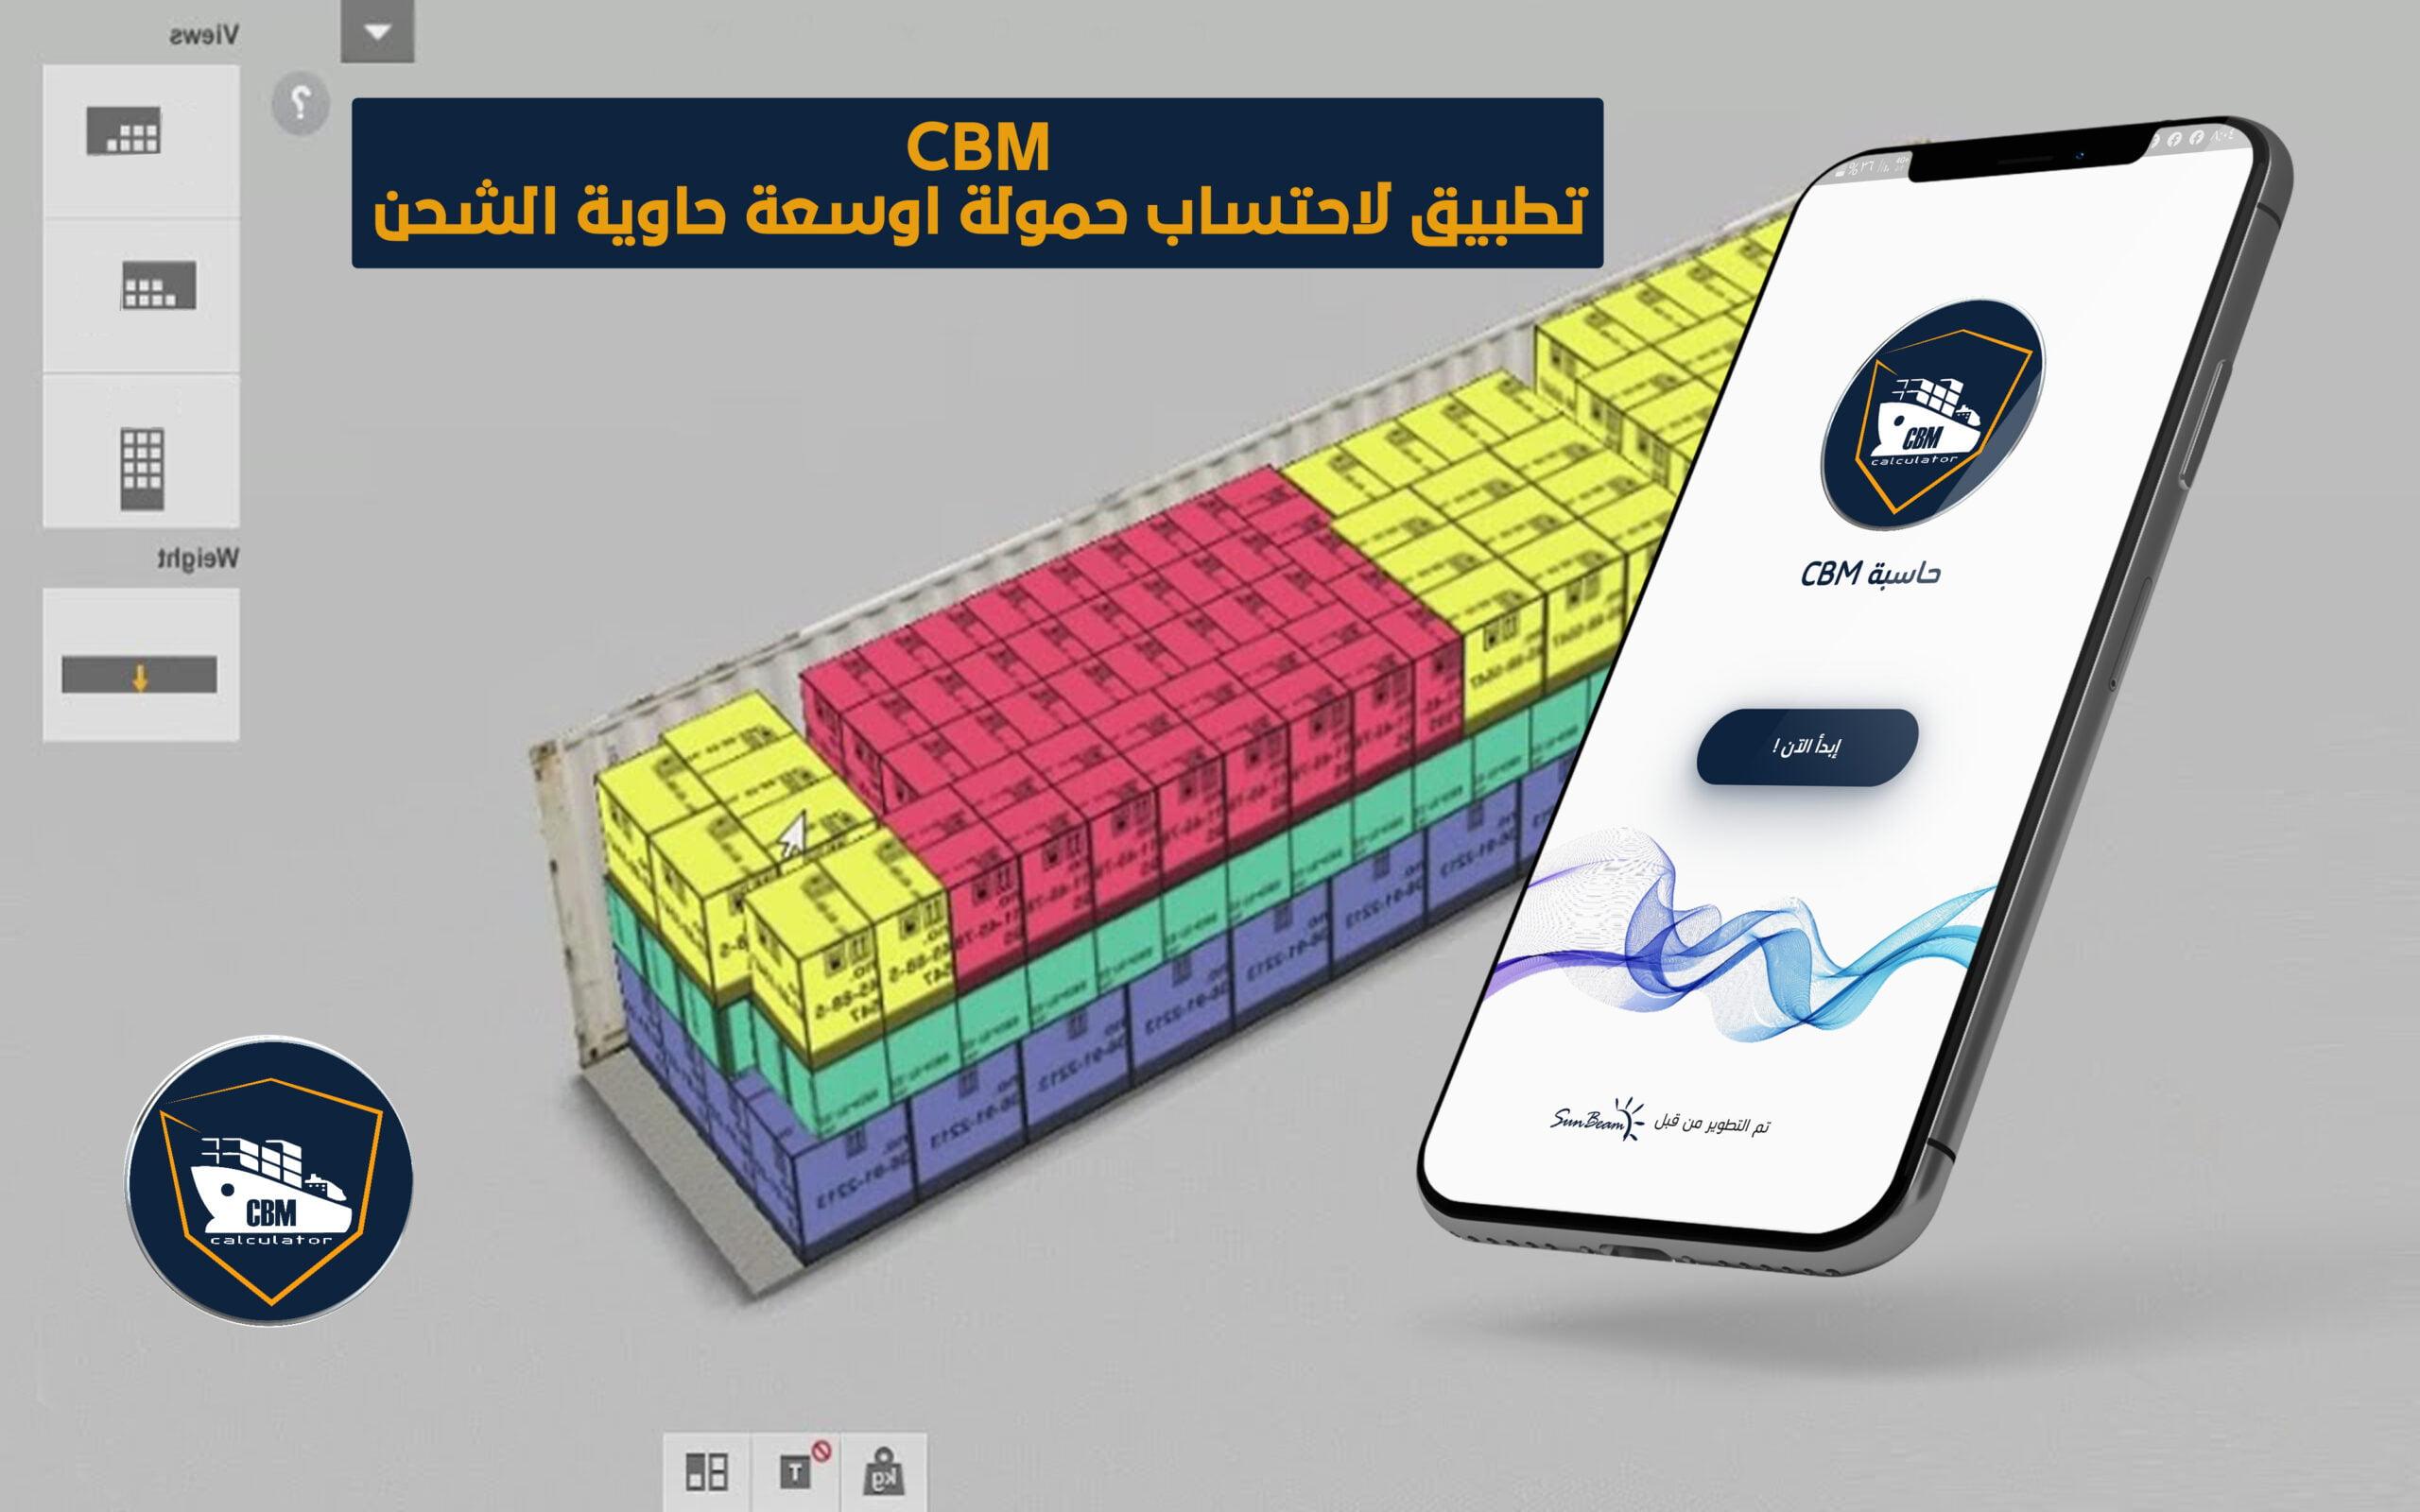 أداة حساب CBM